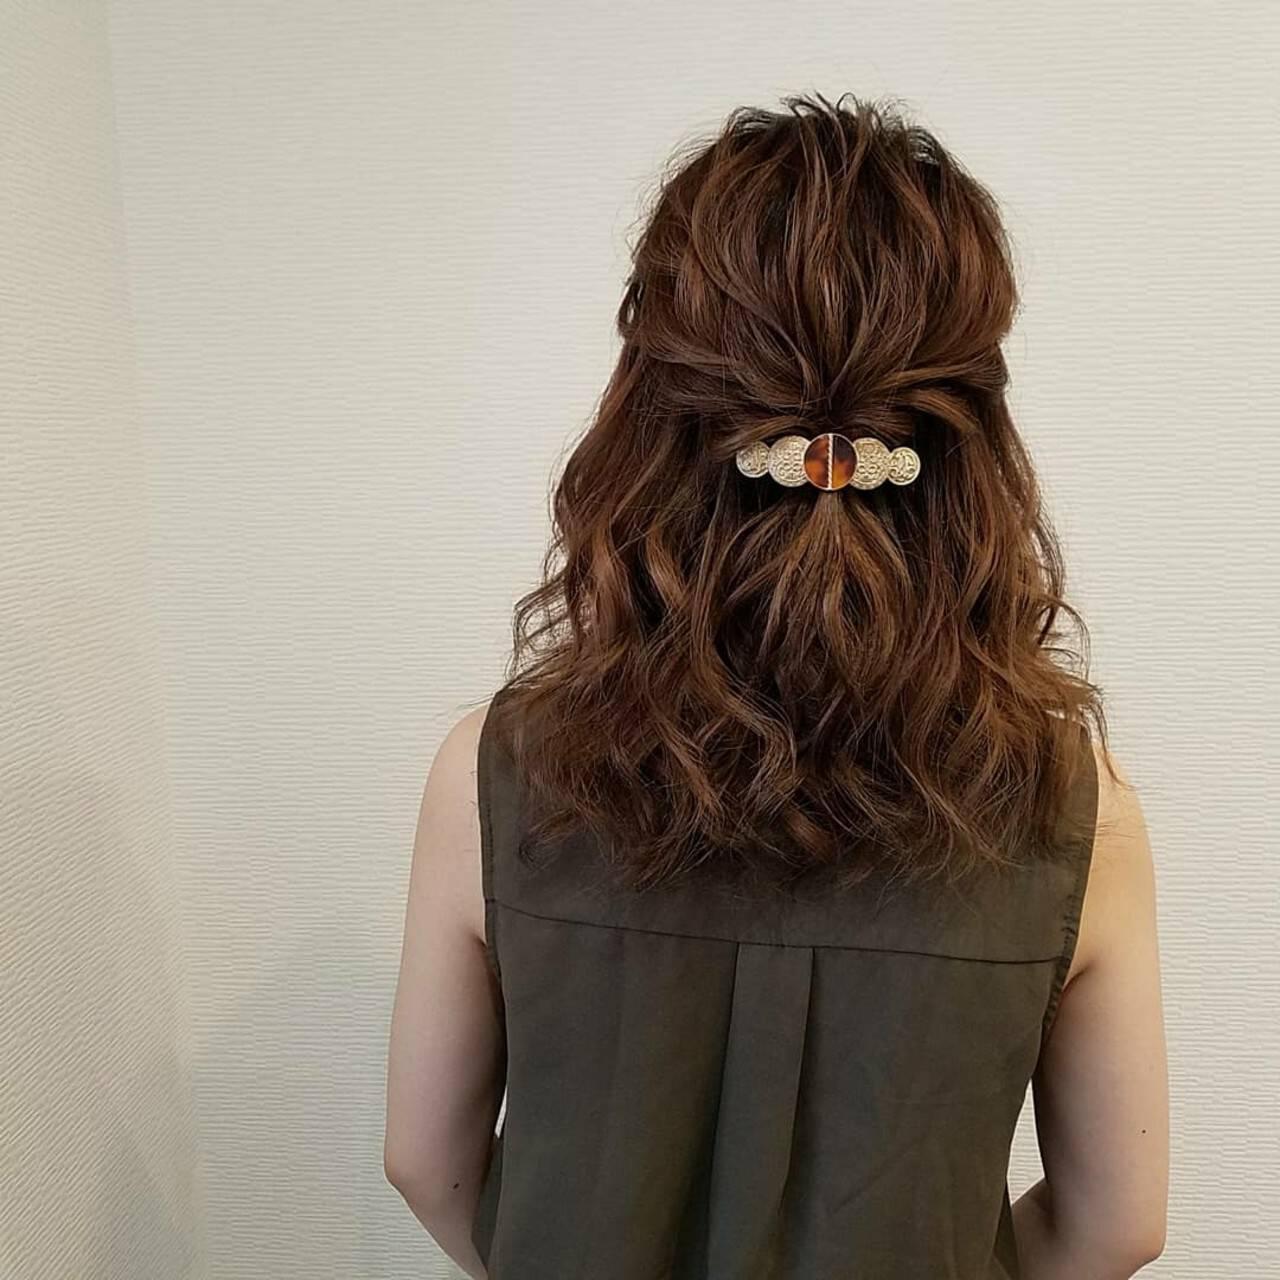 ハーフアップ ねじり フェミニン ミディアムヘアスタイルや髪型の写真・画像